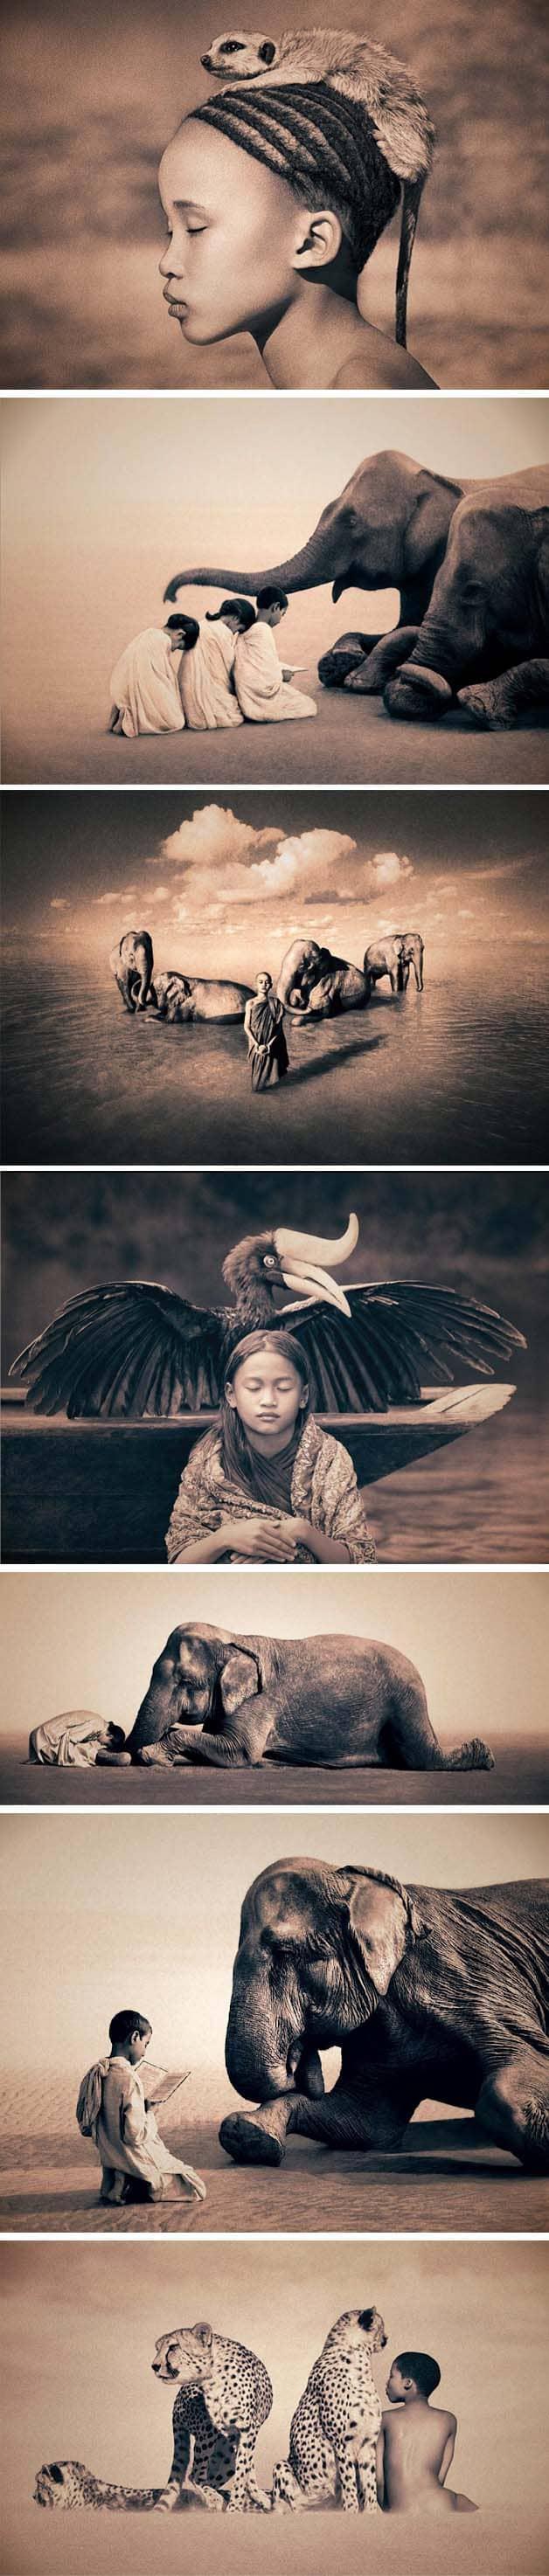 Fotógrafo registra momentos de harmonia entre homem e natureza 4